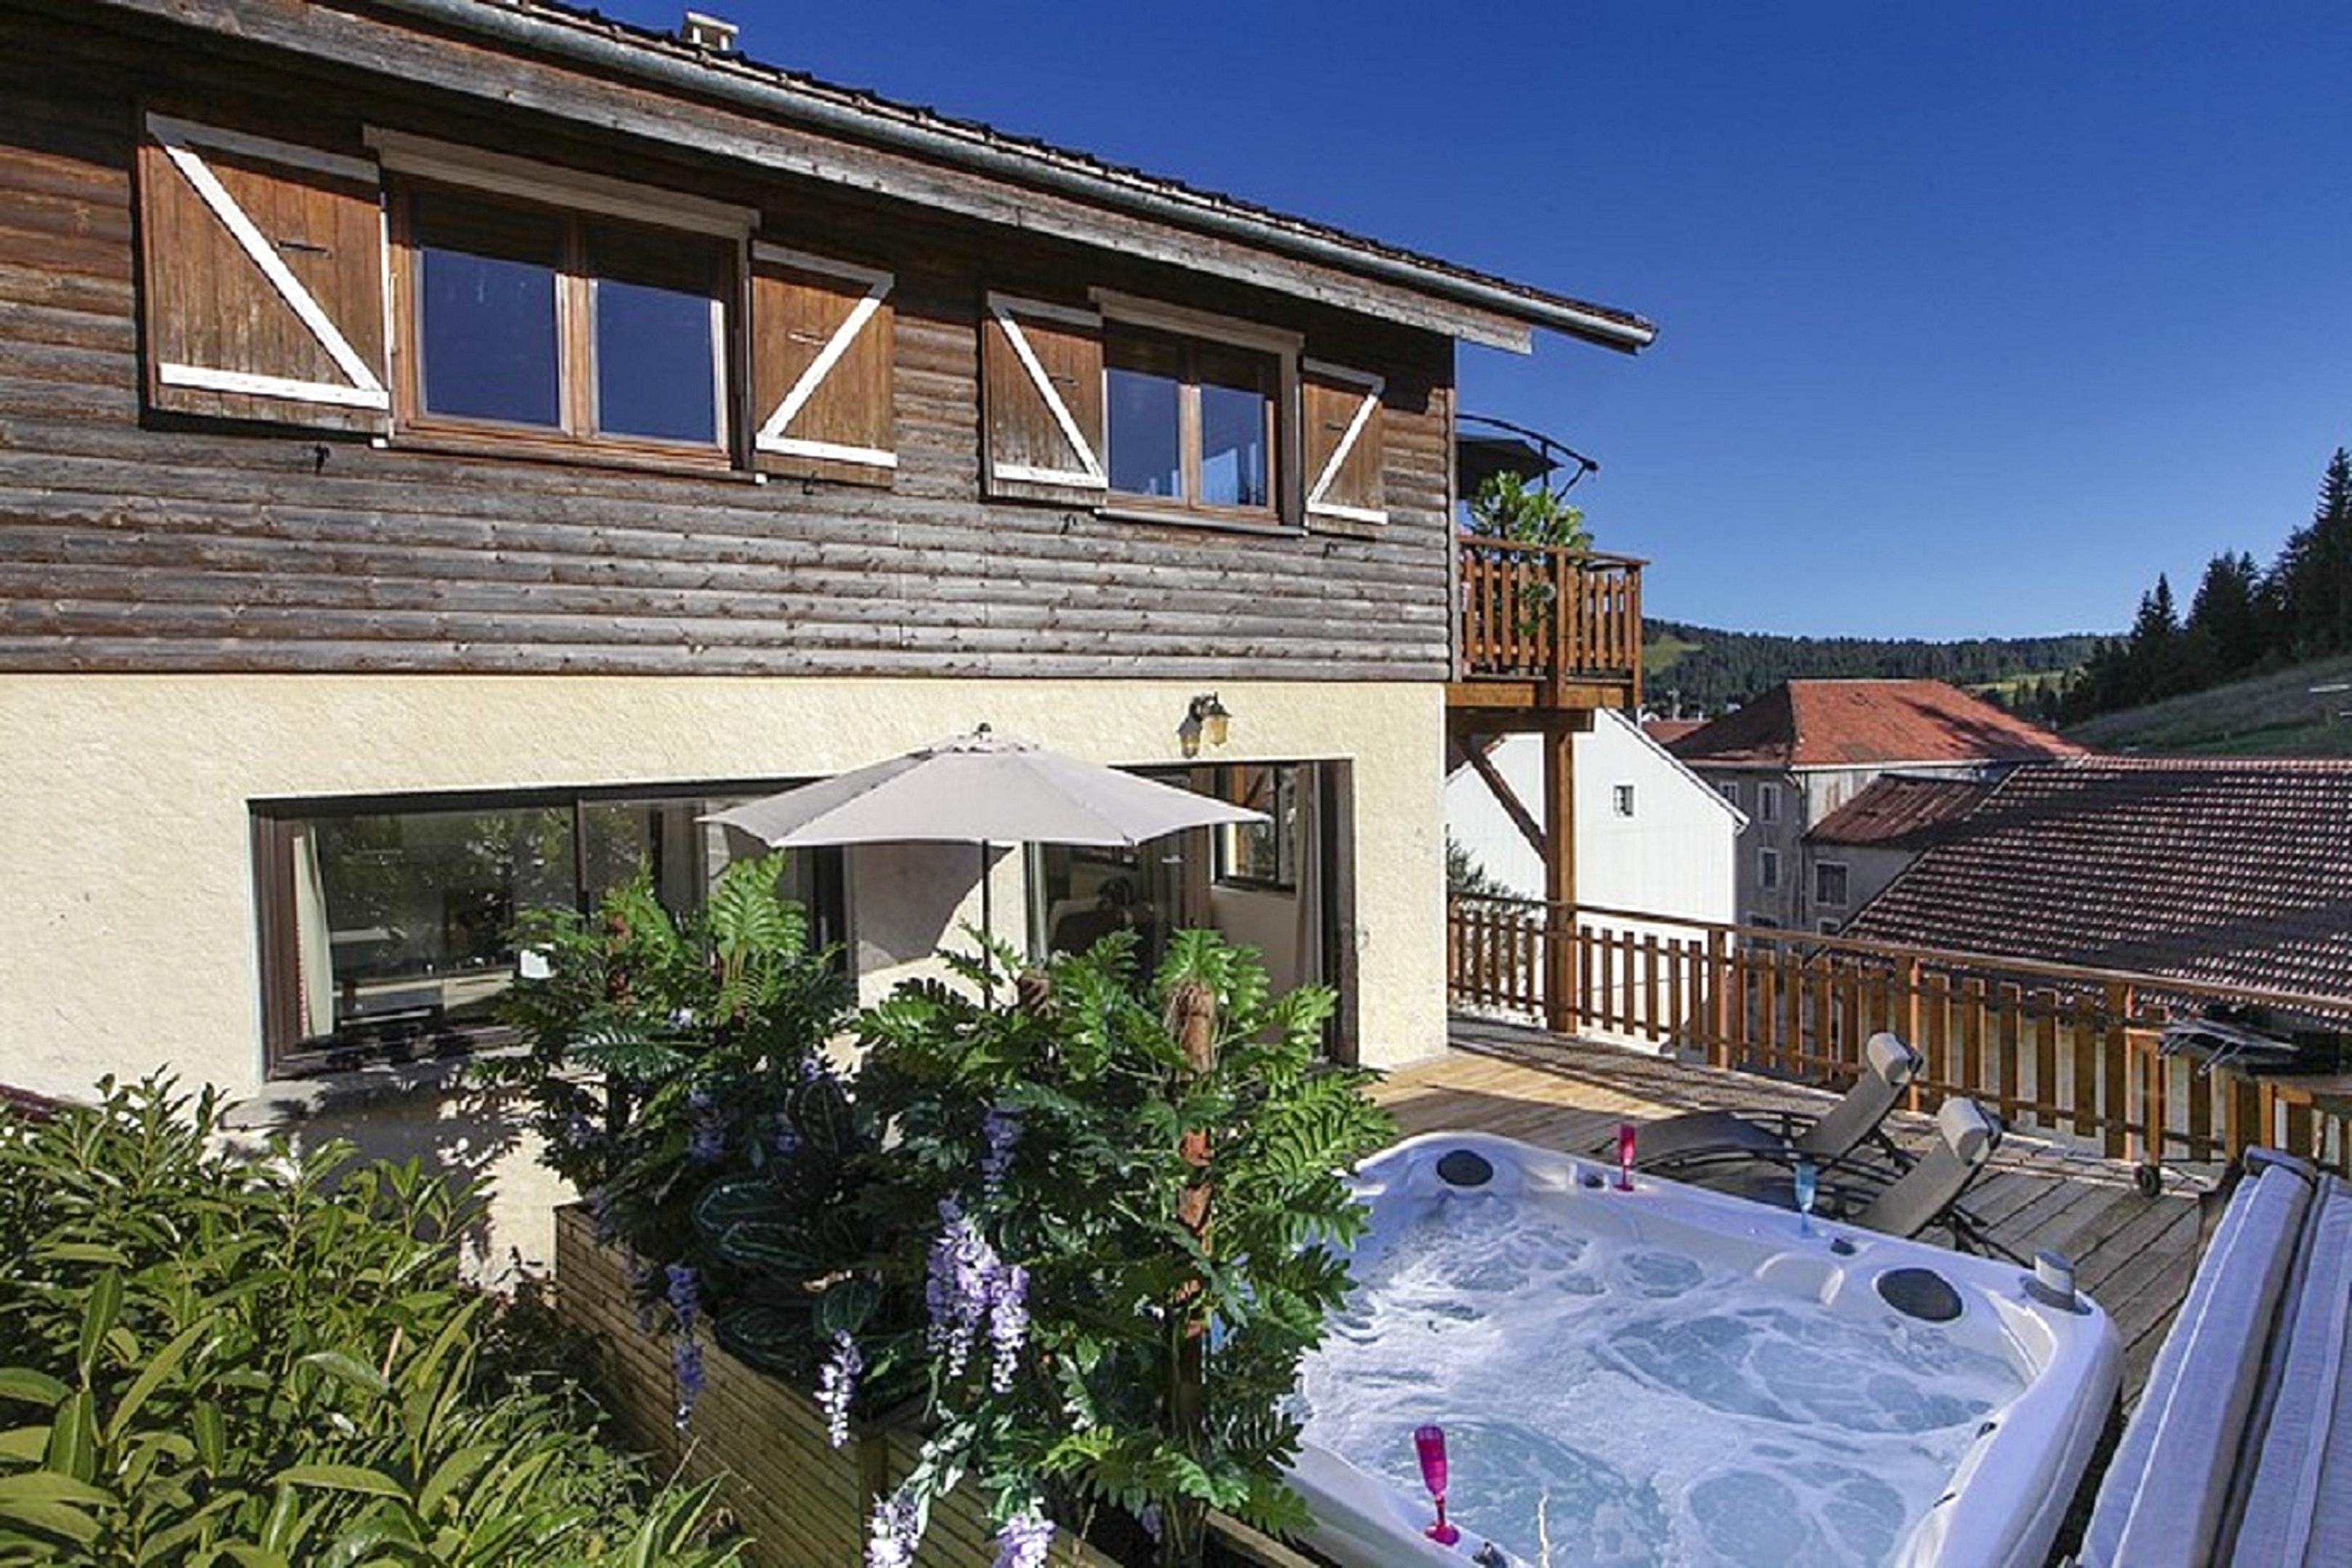 Maison de vacances Hütte mit 7 Schlafzimmern in Les Moussières mit toller Aussicht auf die Berge, möblierter  (2677371), Les Moussières, Jura, Franche-Comté, France, image 17